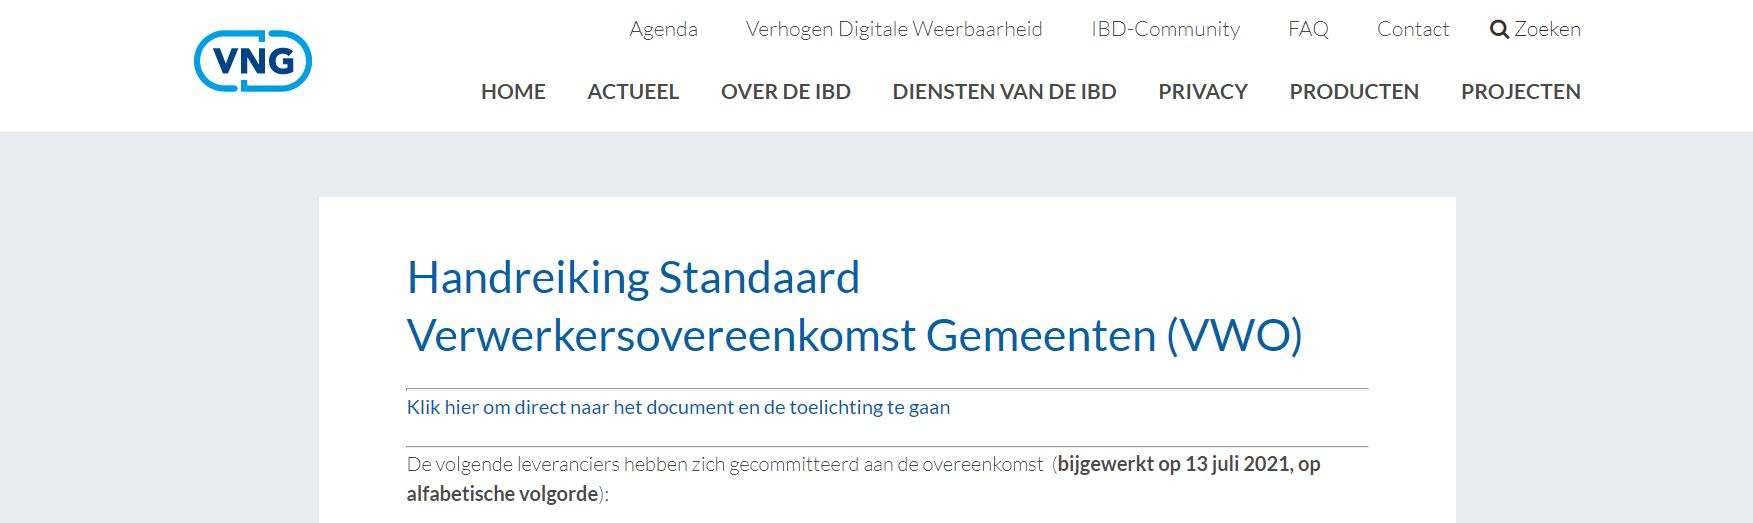 Screenshot VNG Verwerkersovereenkomst gebruikers